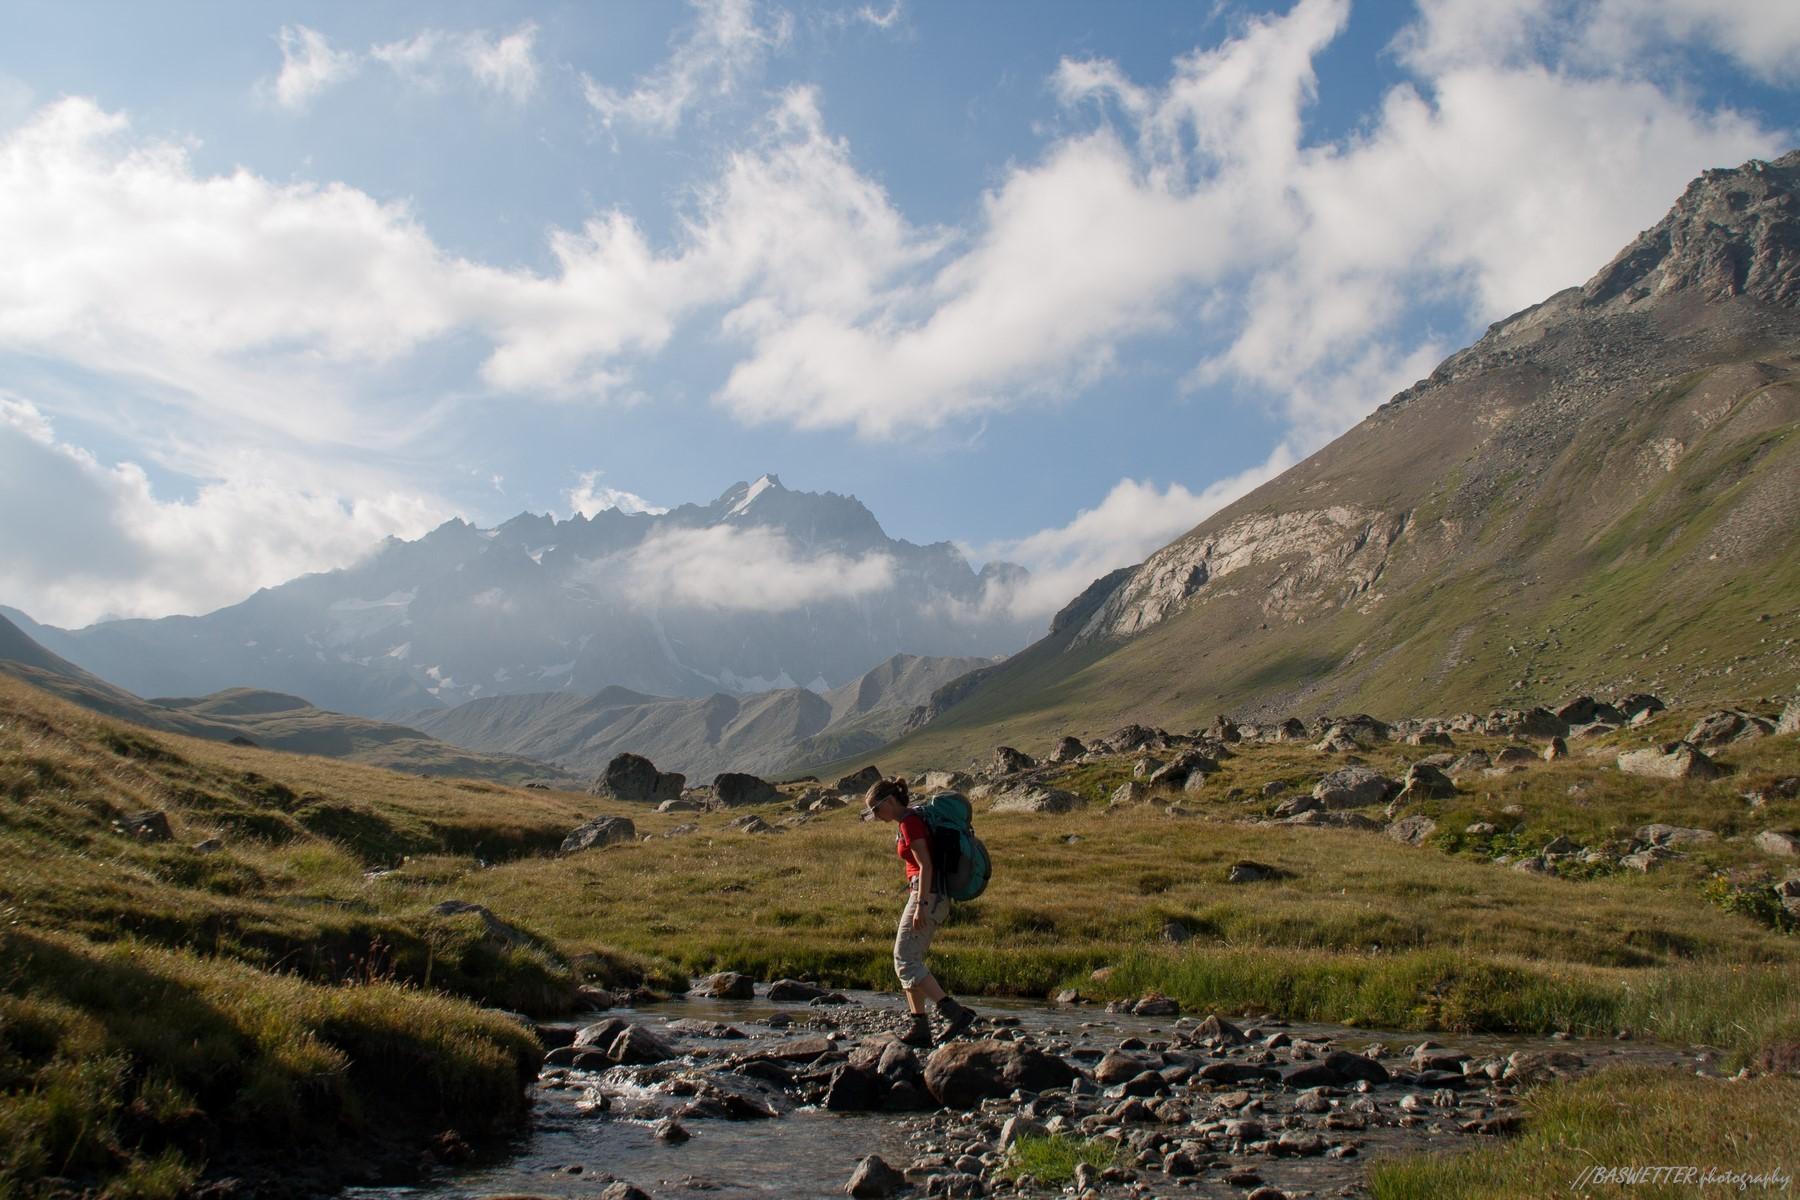 Wandeltrektocht door Nationaal Park Les Ecrins bij Grenoble in de Franse Alpen